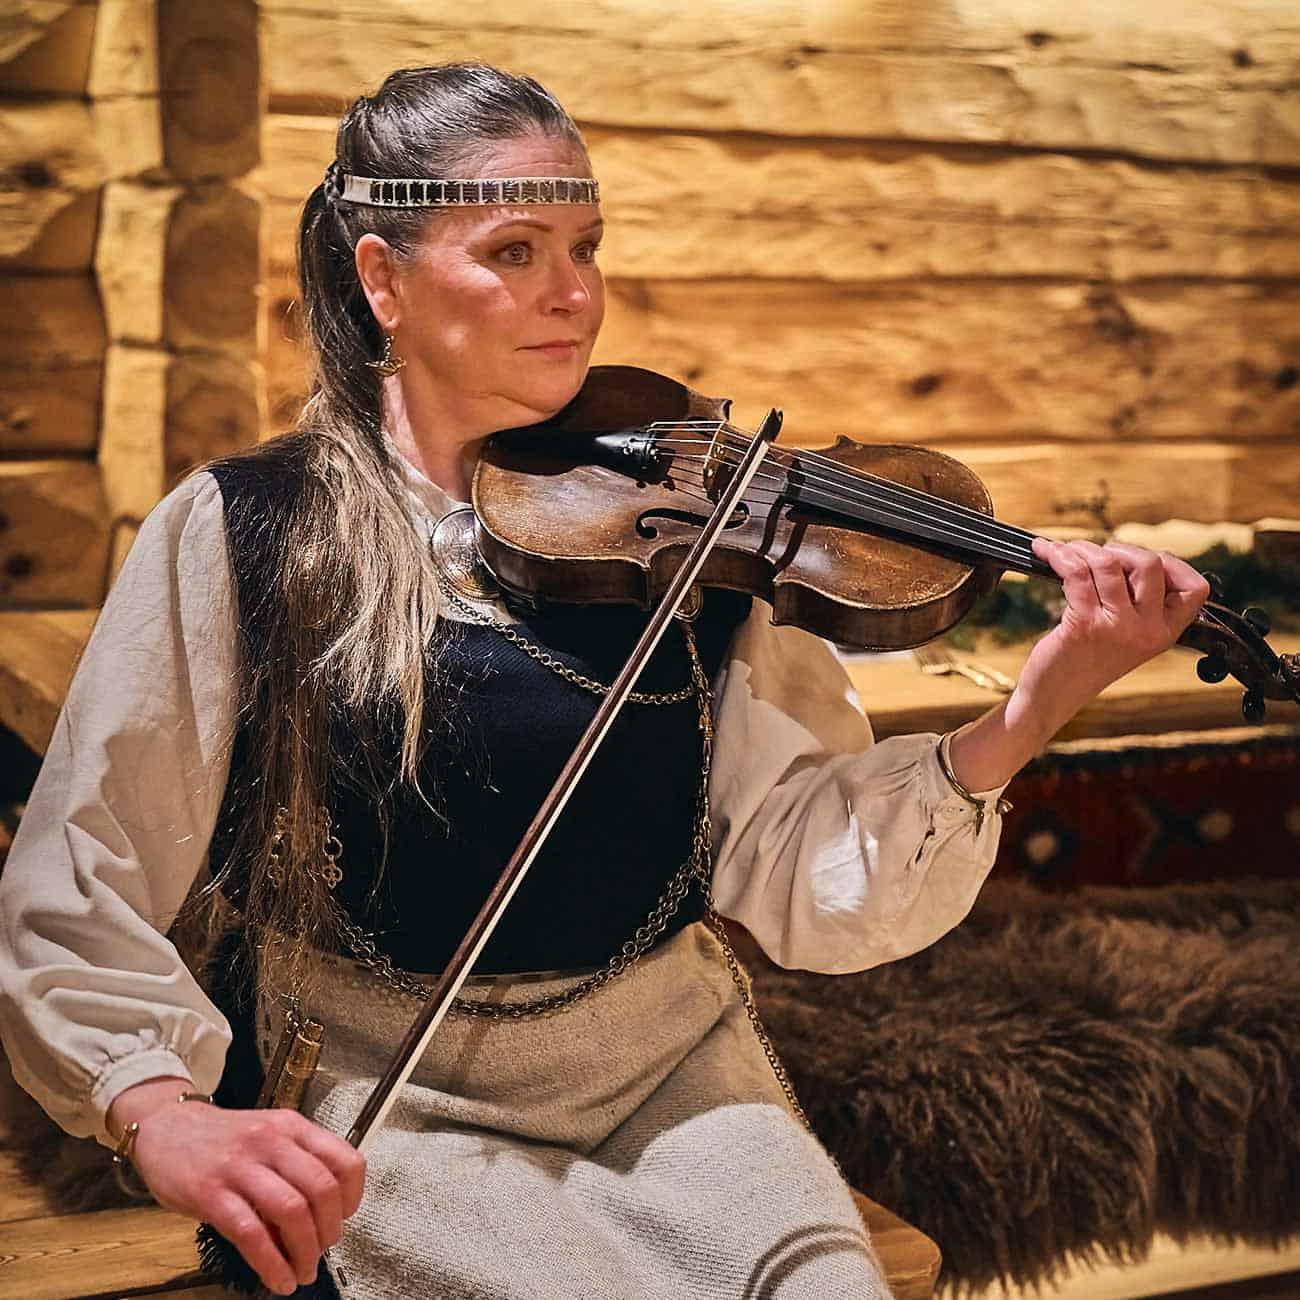 kansanmuusikko-ulla-hillebrandt-kalevalahaat-nuuksion-taika-1300